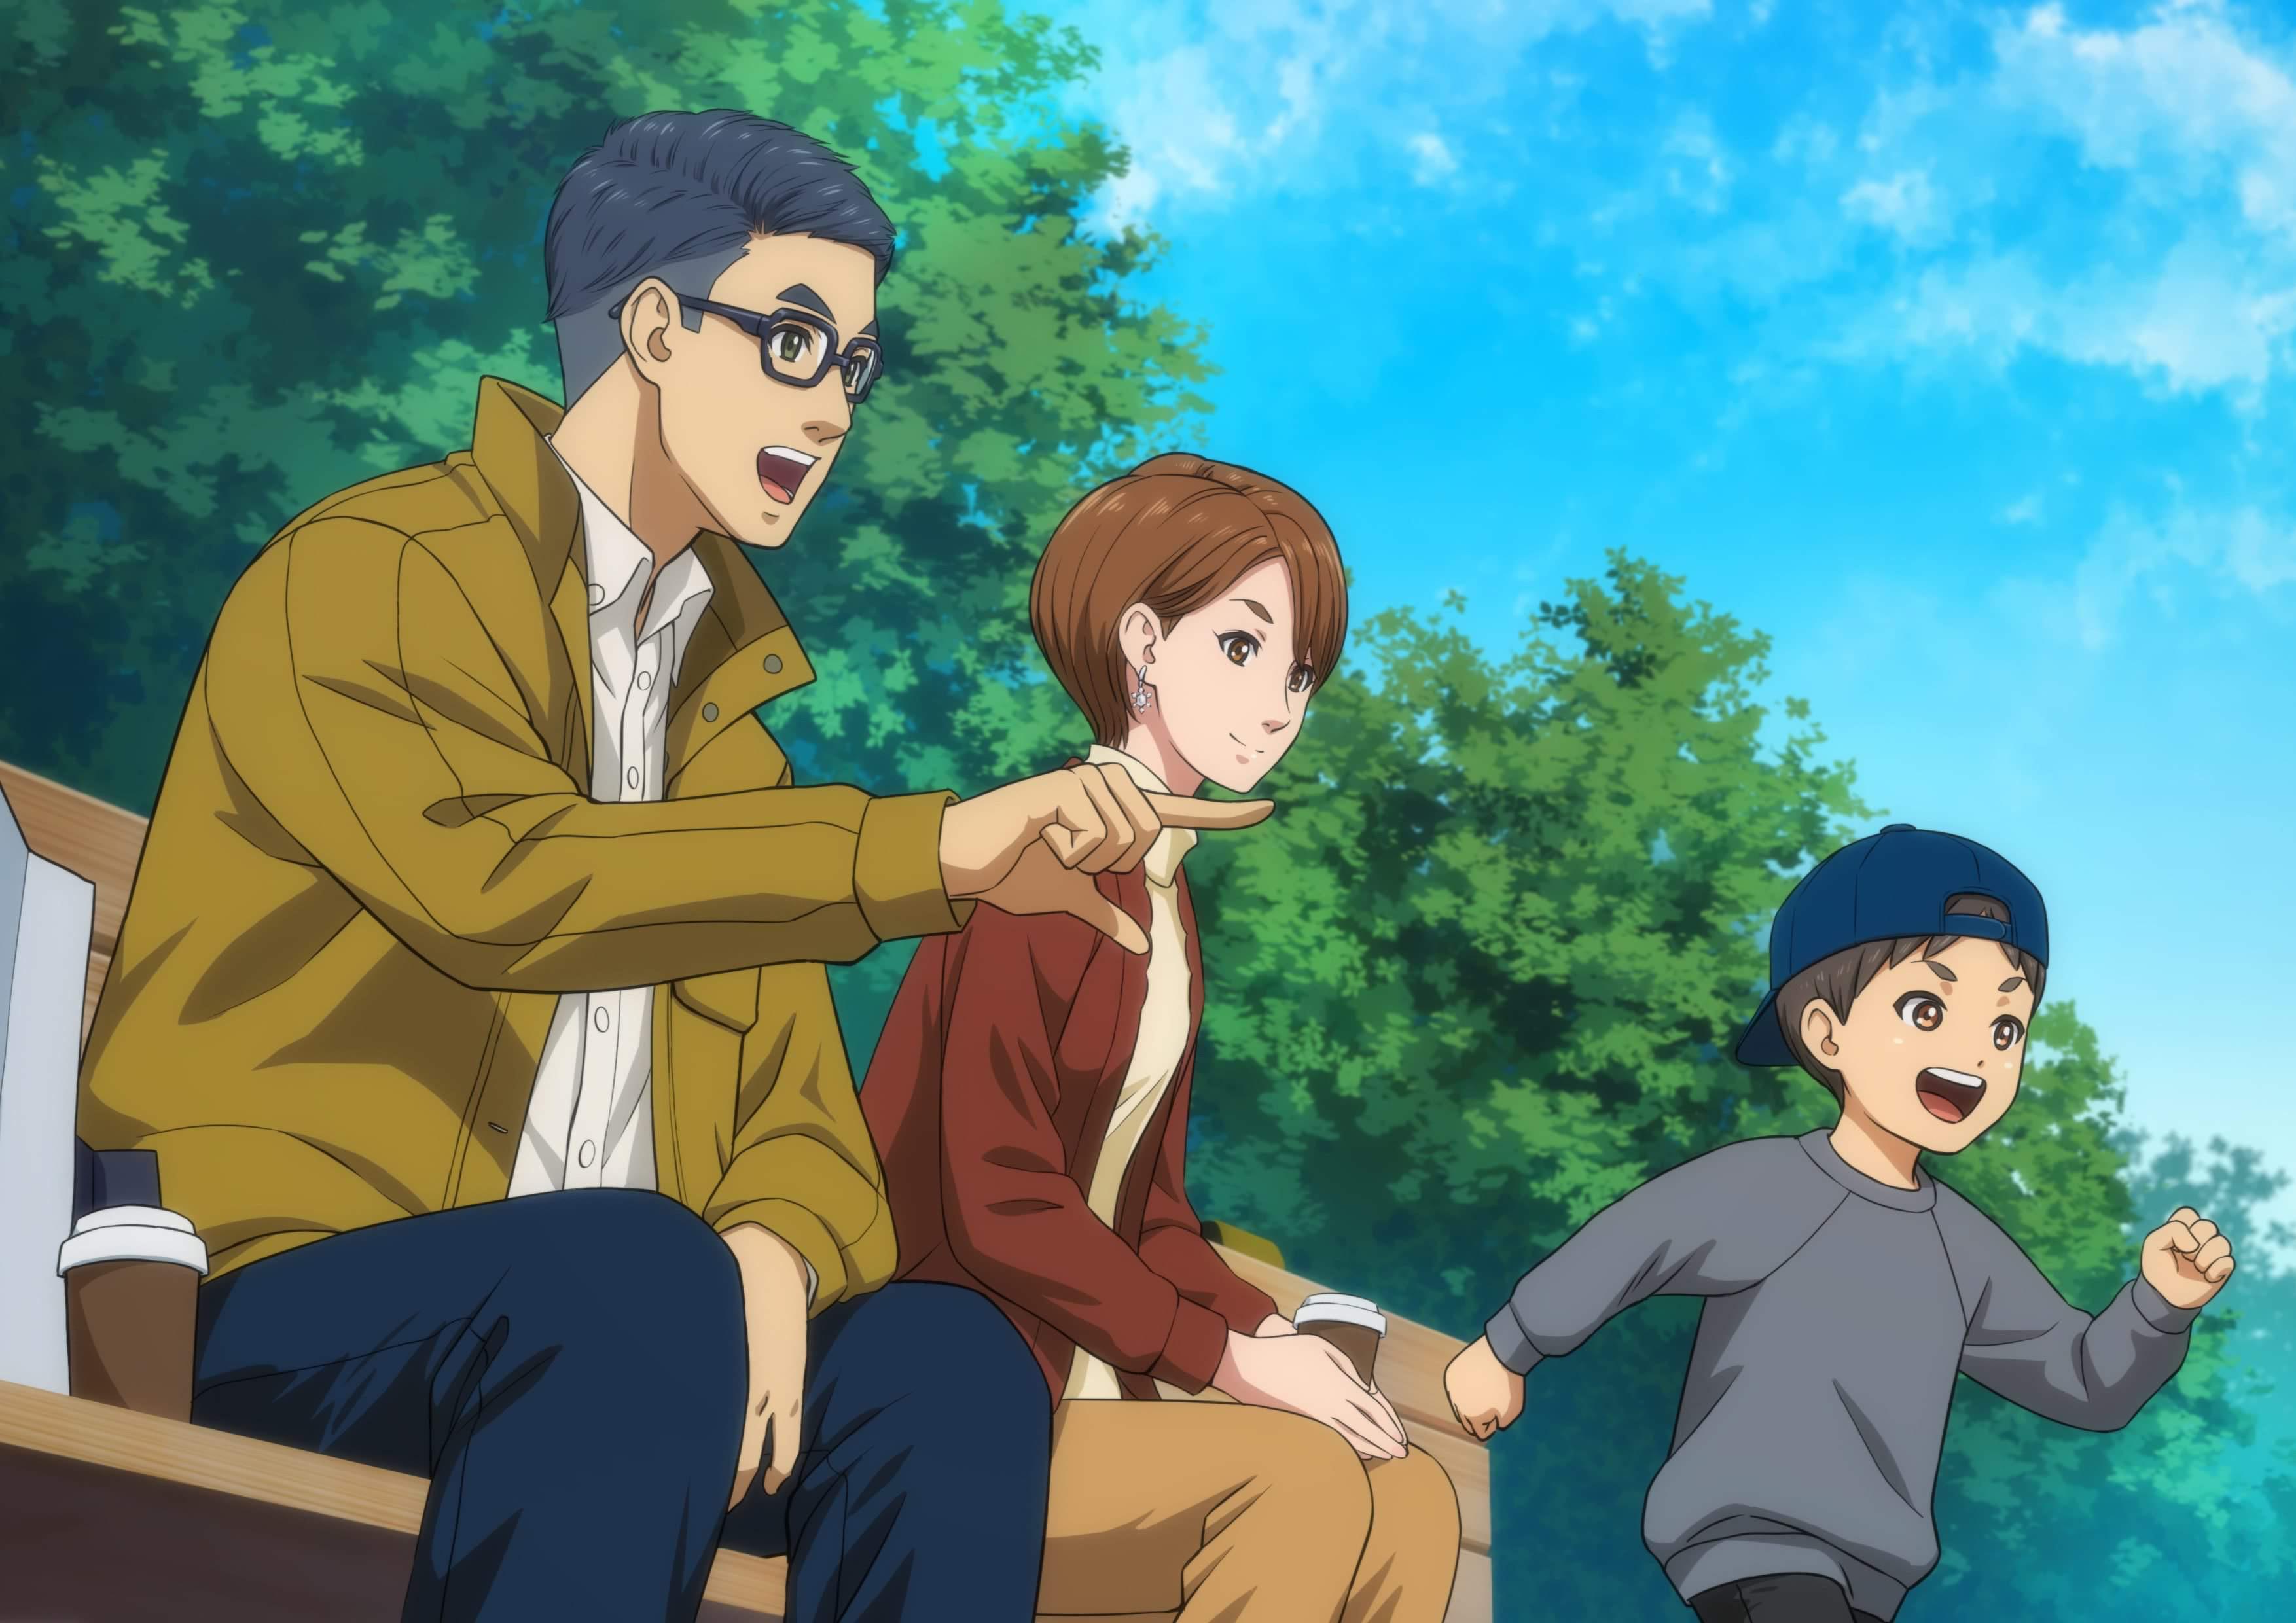 福山潤からコメントも 東京都町田市prアニメが公開 アニバース